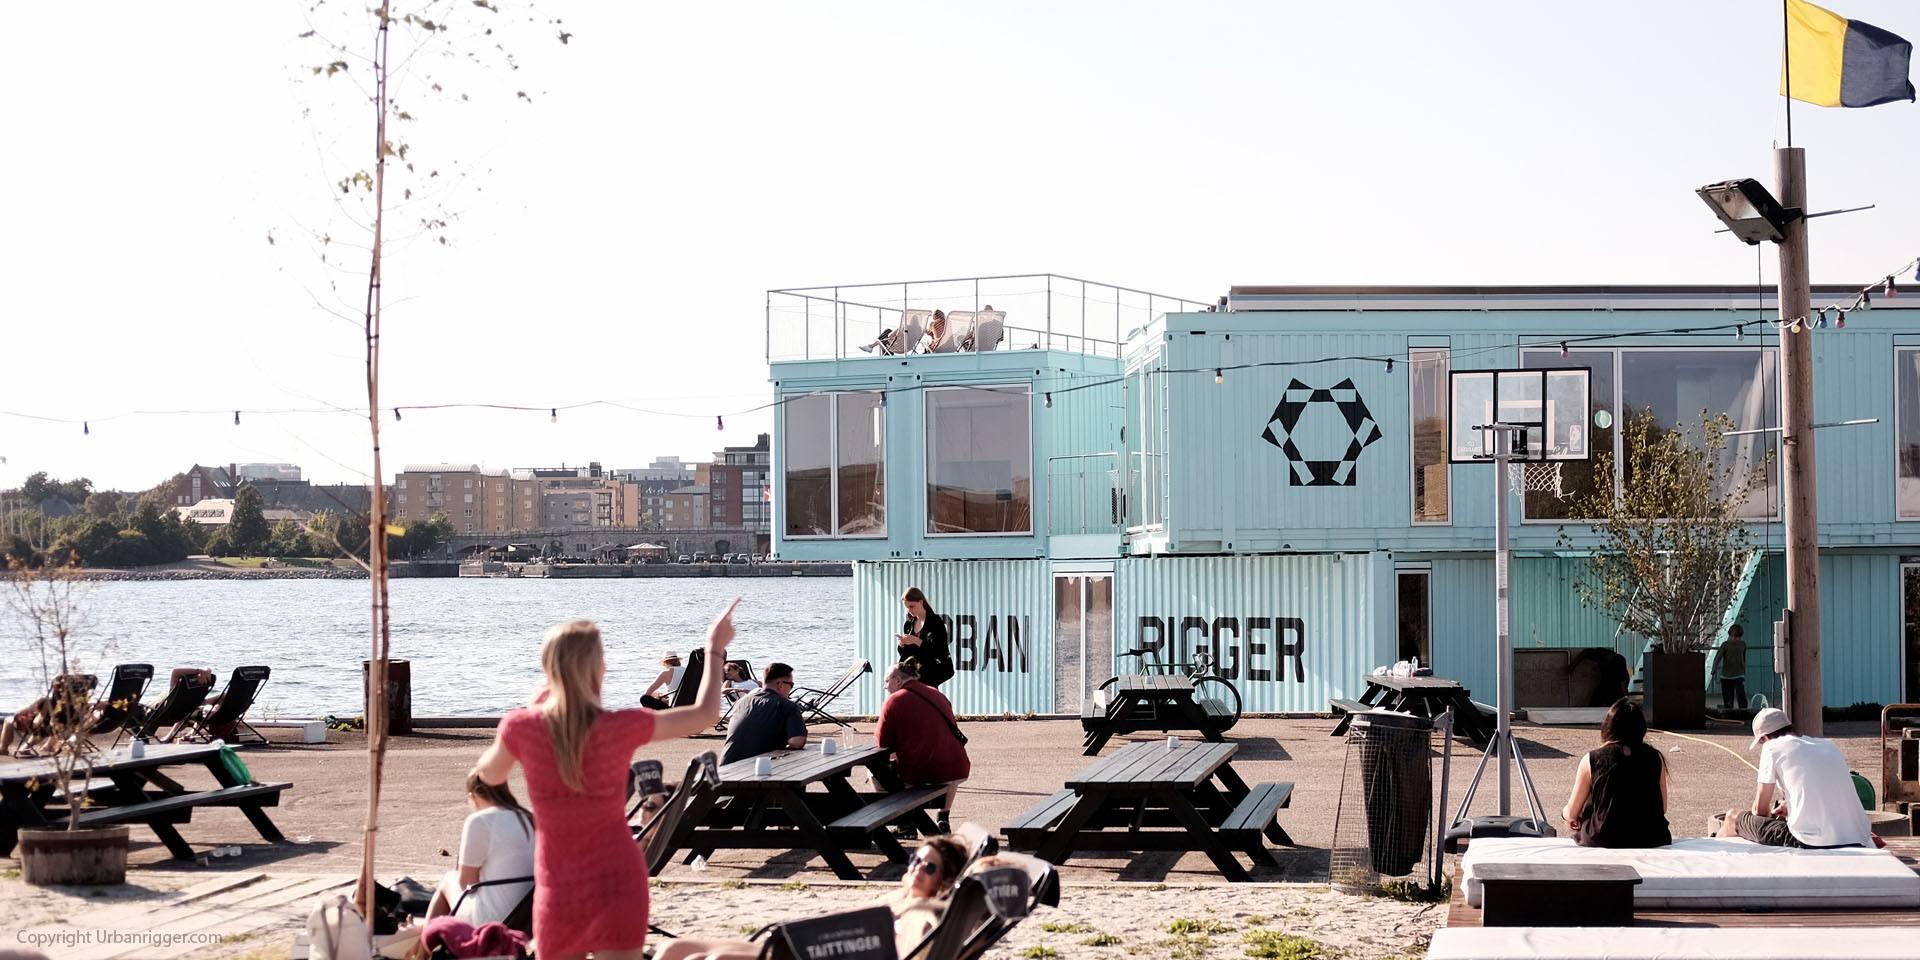 Urban Rigger_2